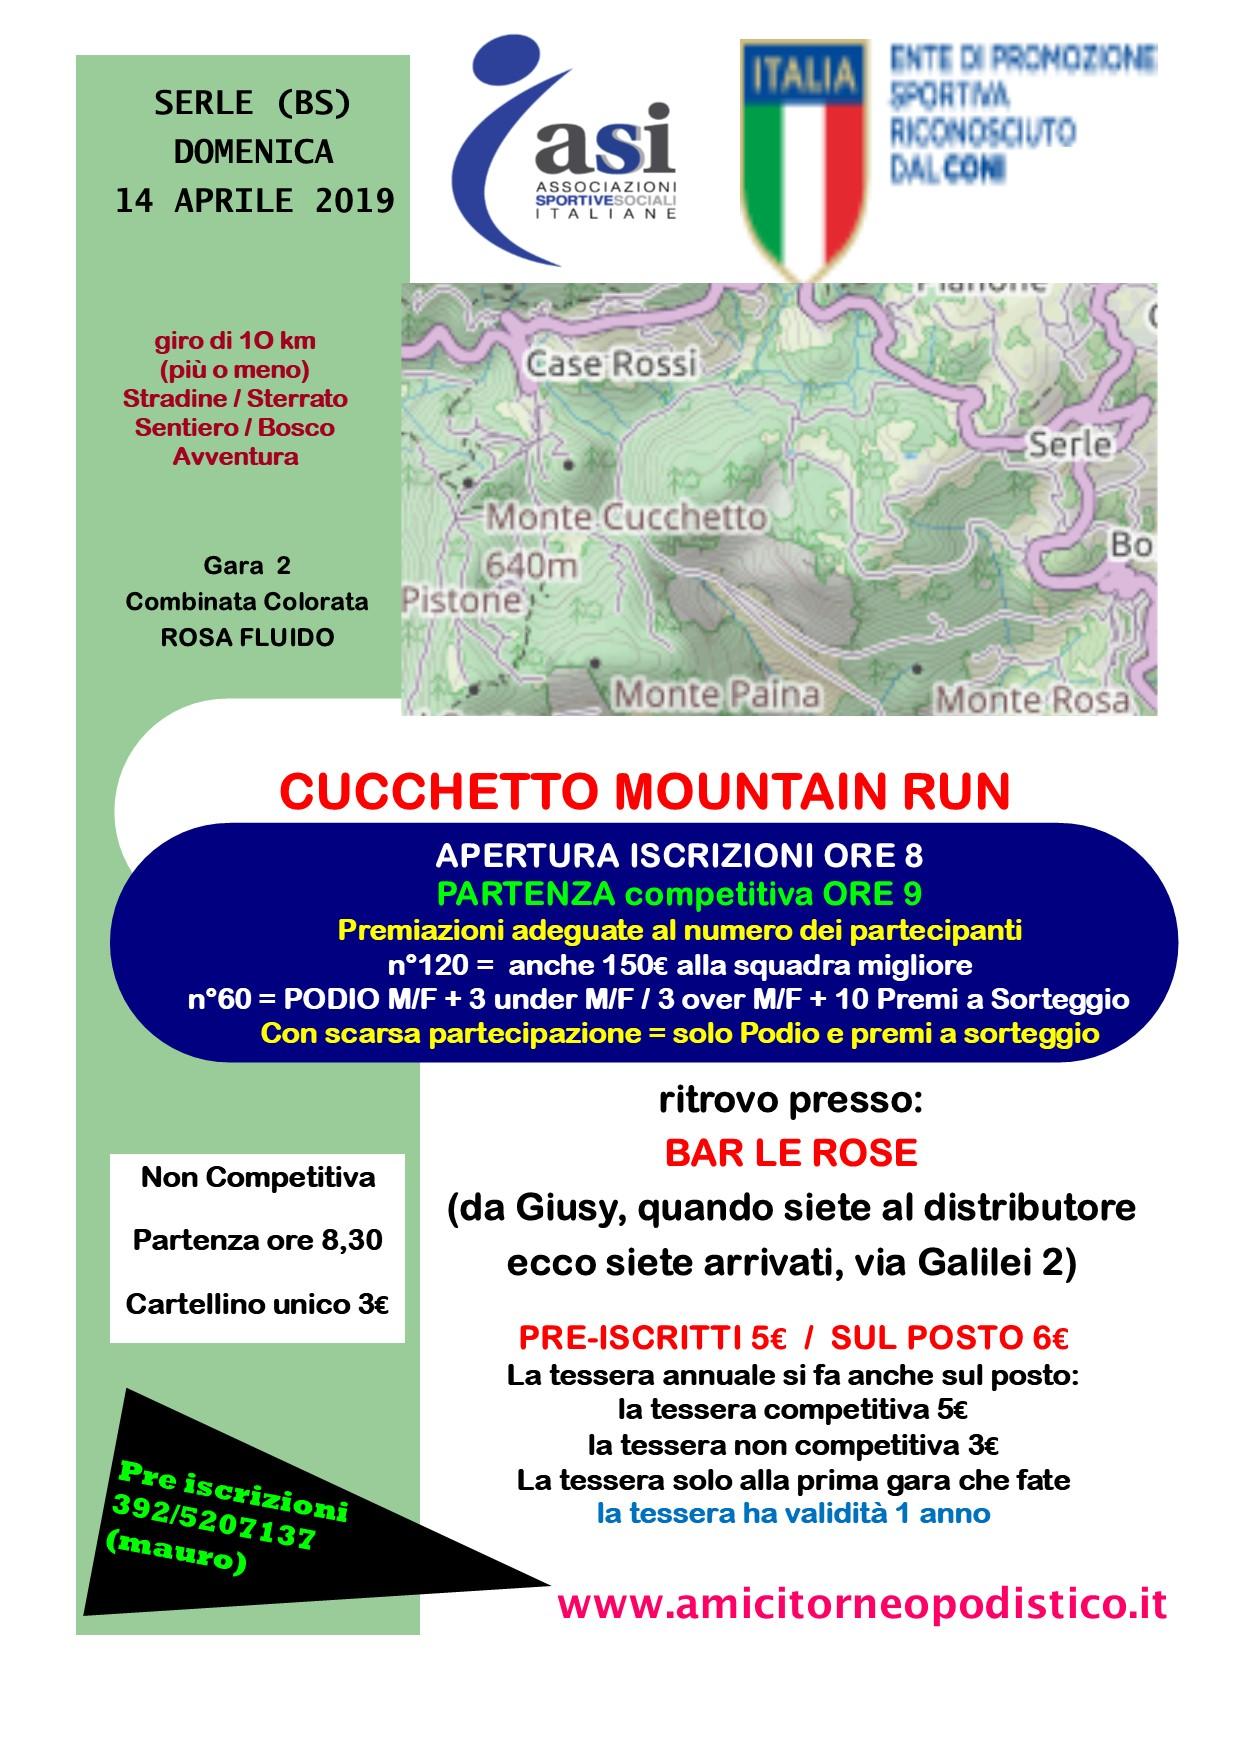 Cucchetto mountain run volantino gara 14 amici torneo podistico